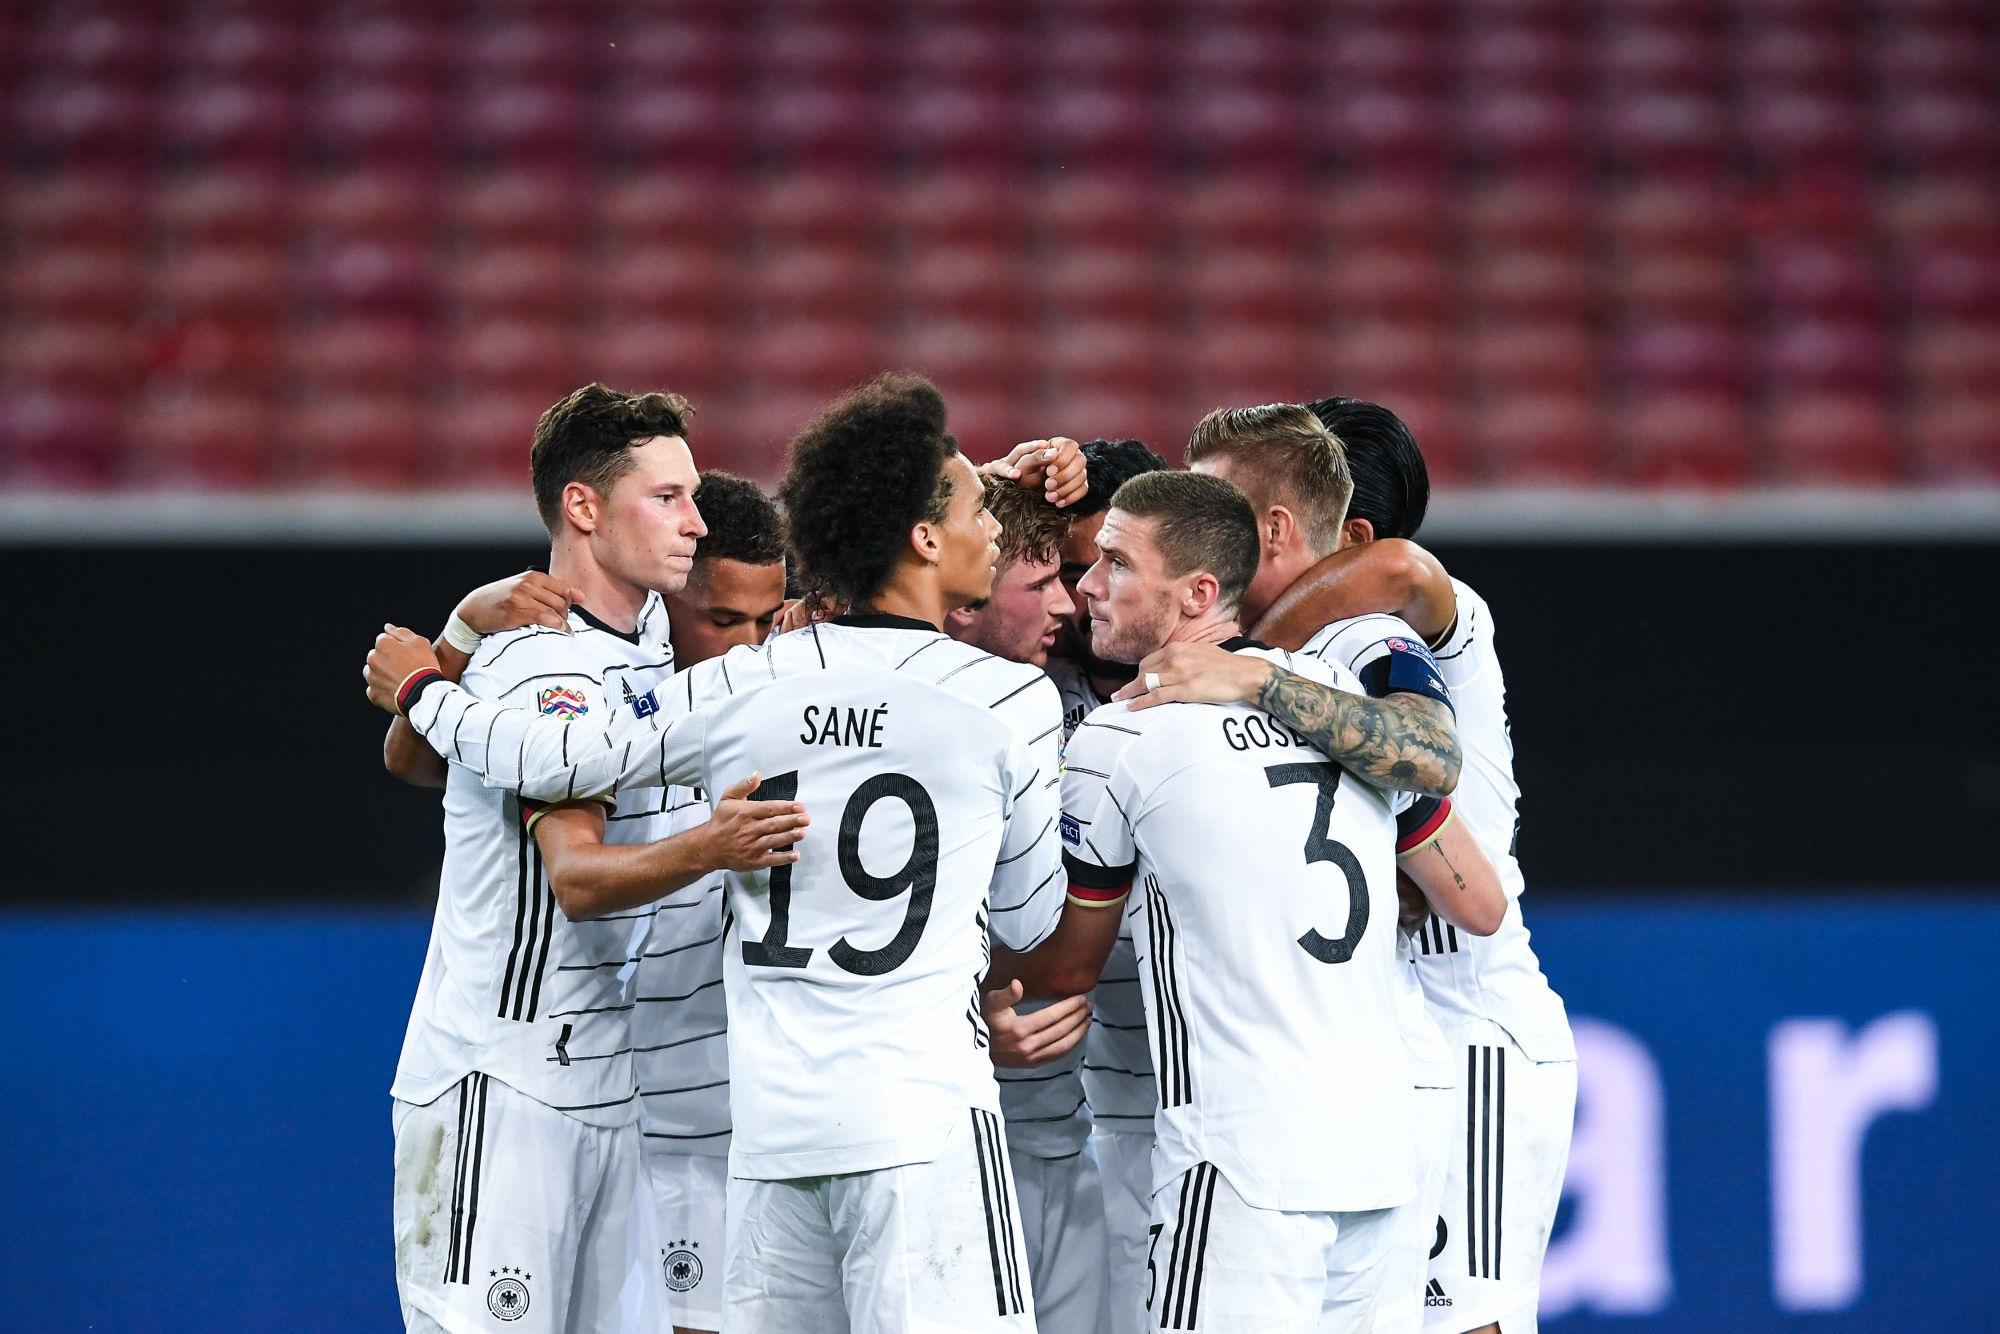 Kehrer et Draxler intéressants lors du match nul entre l'Allemagne et l'Espagne